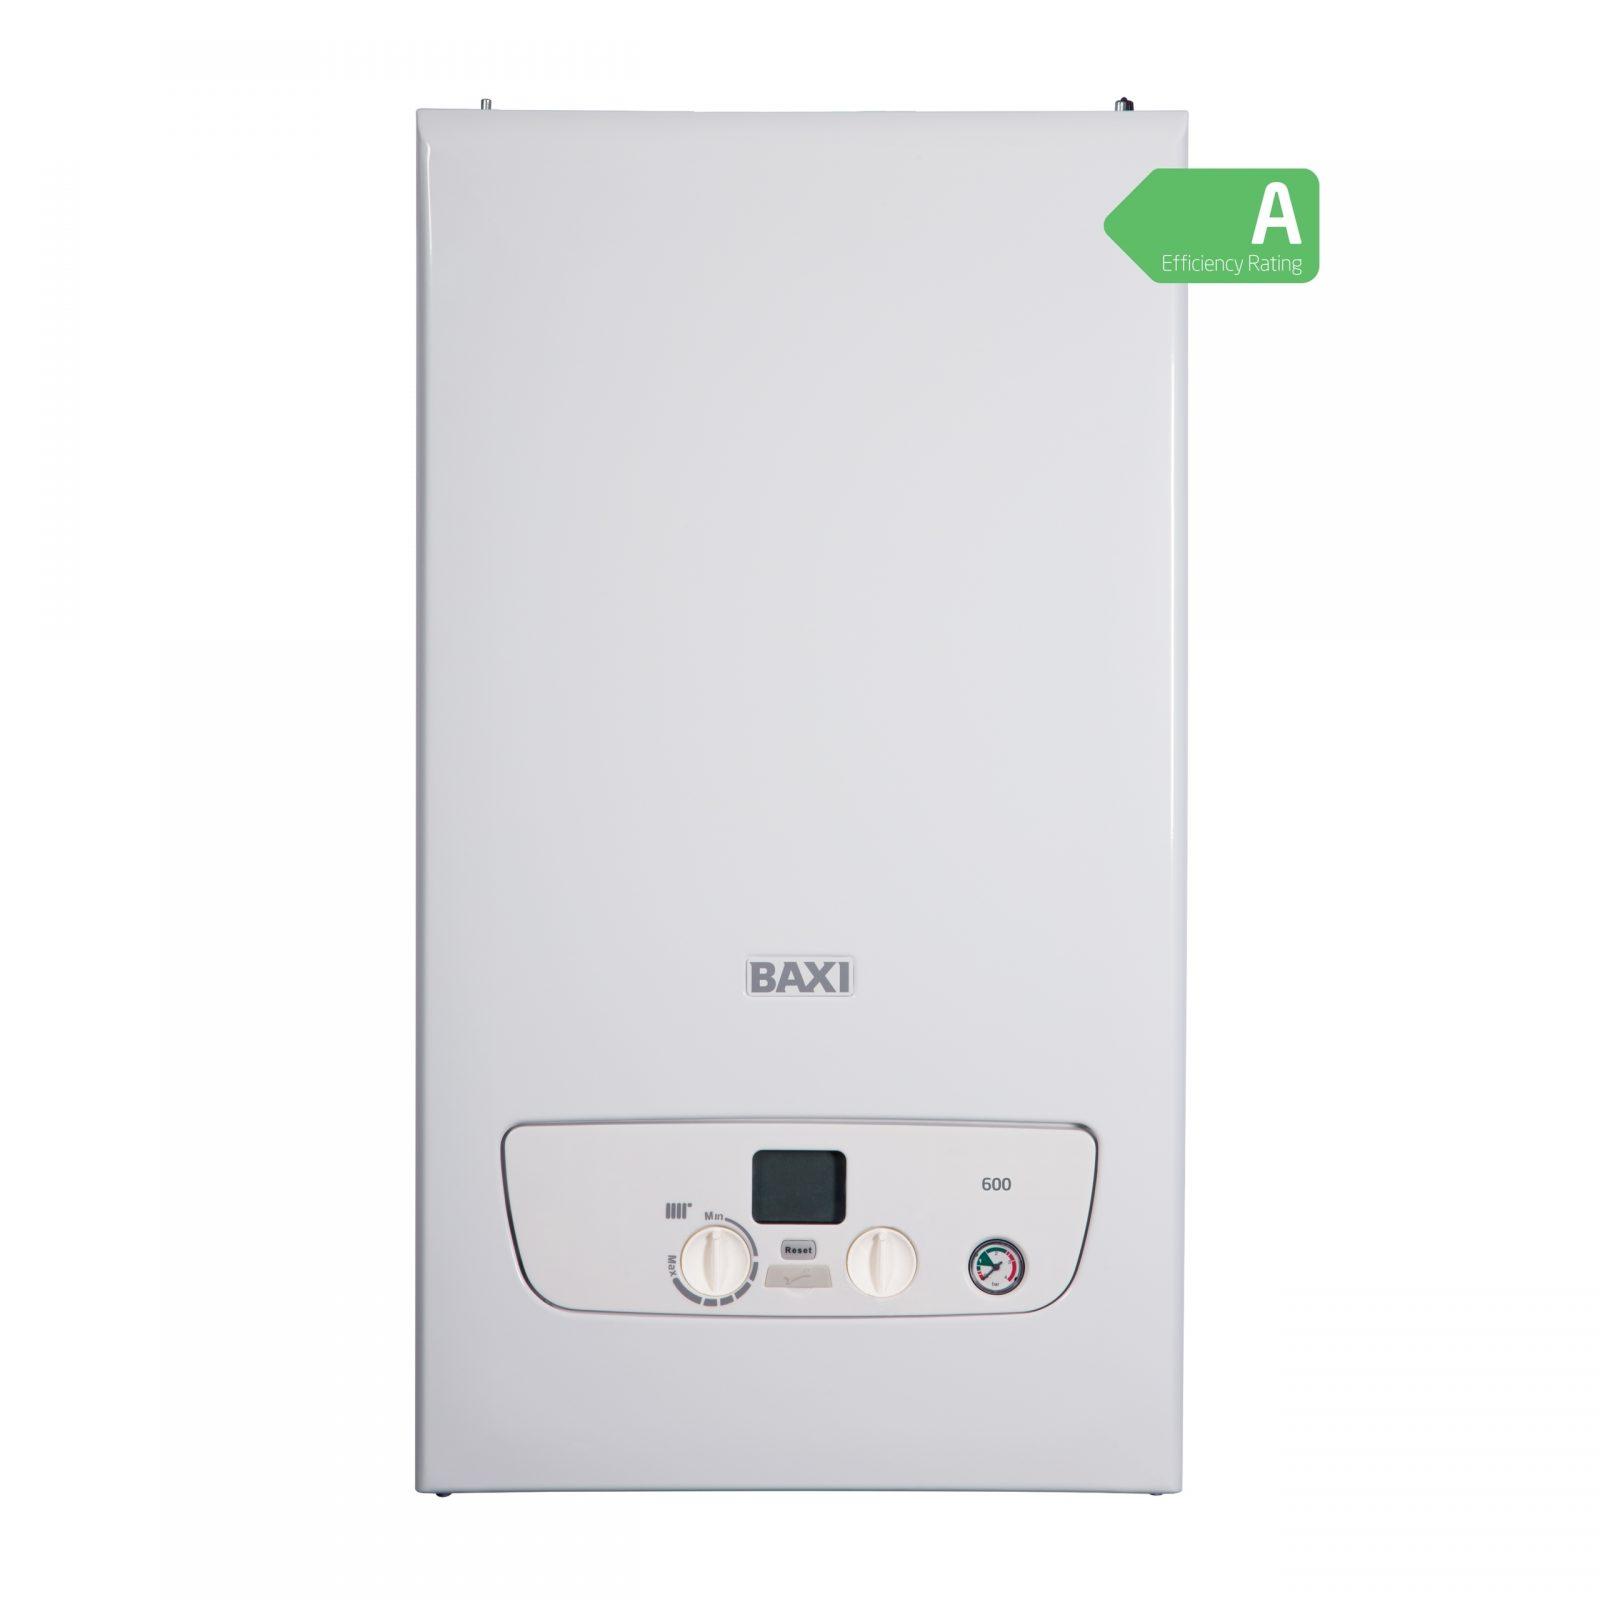 Avantages et inconvénients des chaudières GPL - Baxi 624 (ErP) LPG System Boiler Easy Pick Pack